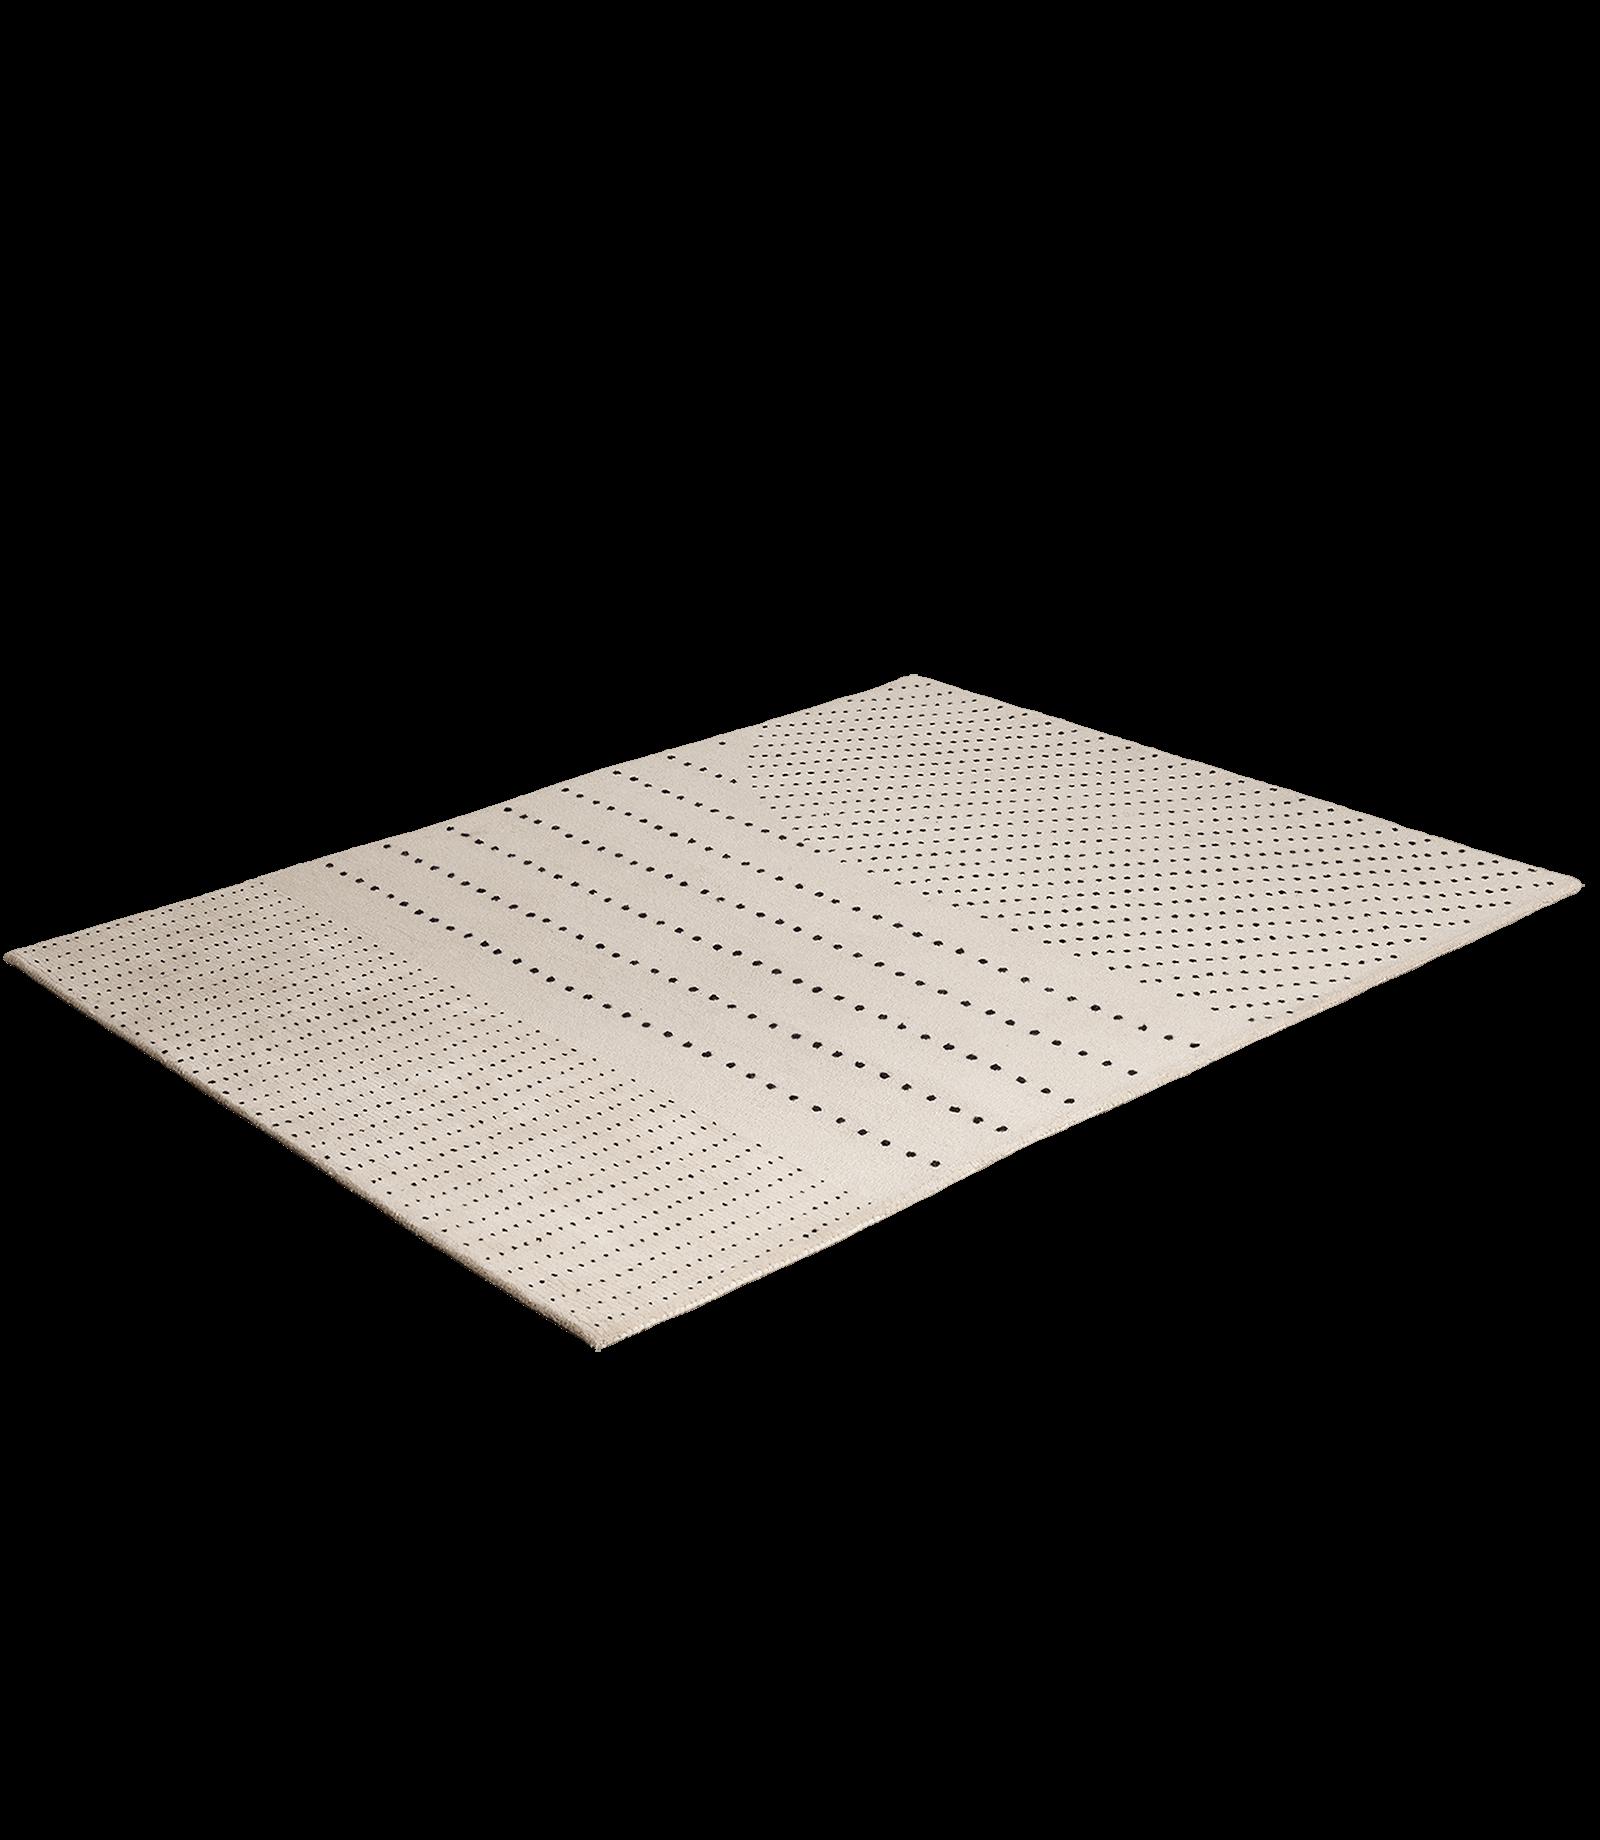 FRITZHANSEN(フリッツハンセン) Rugs dots(ラグ, ドット)ラグ/カーペット 150cmx190cm